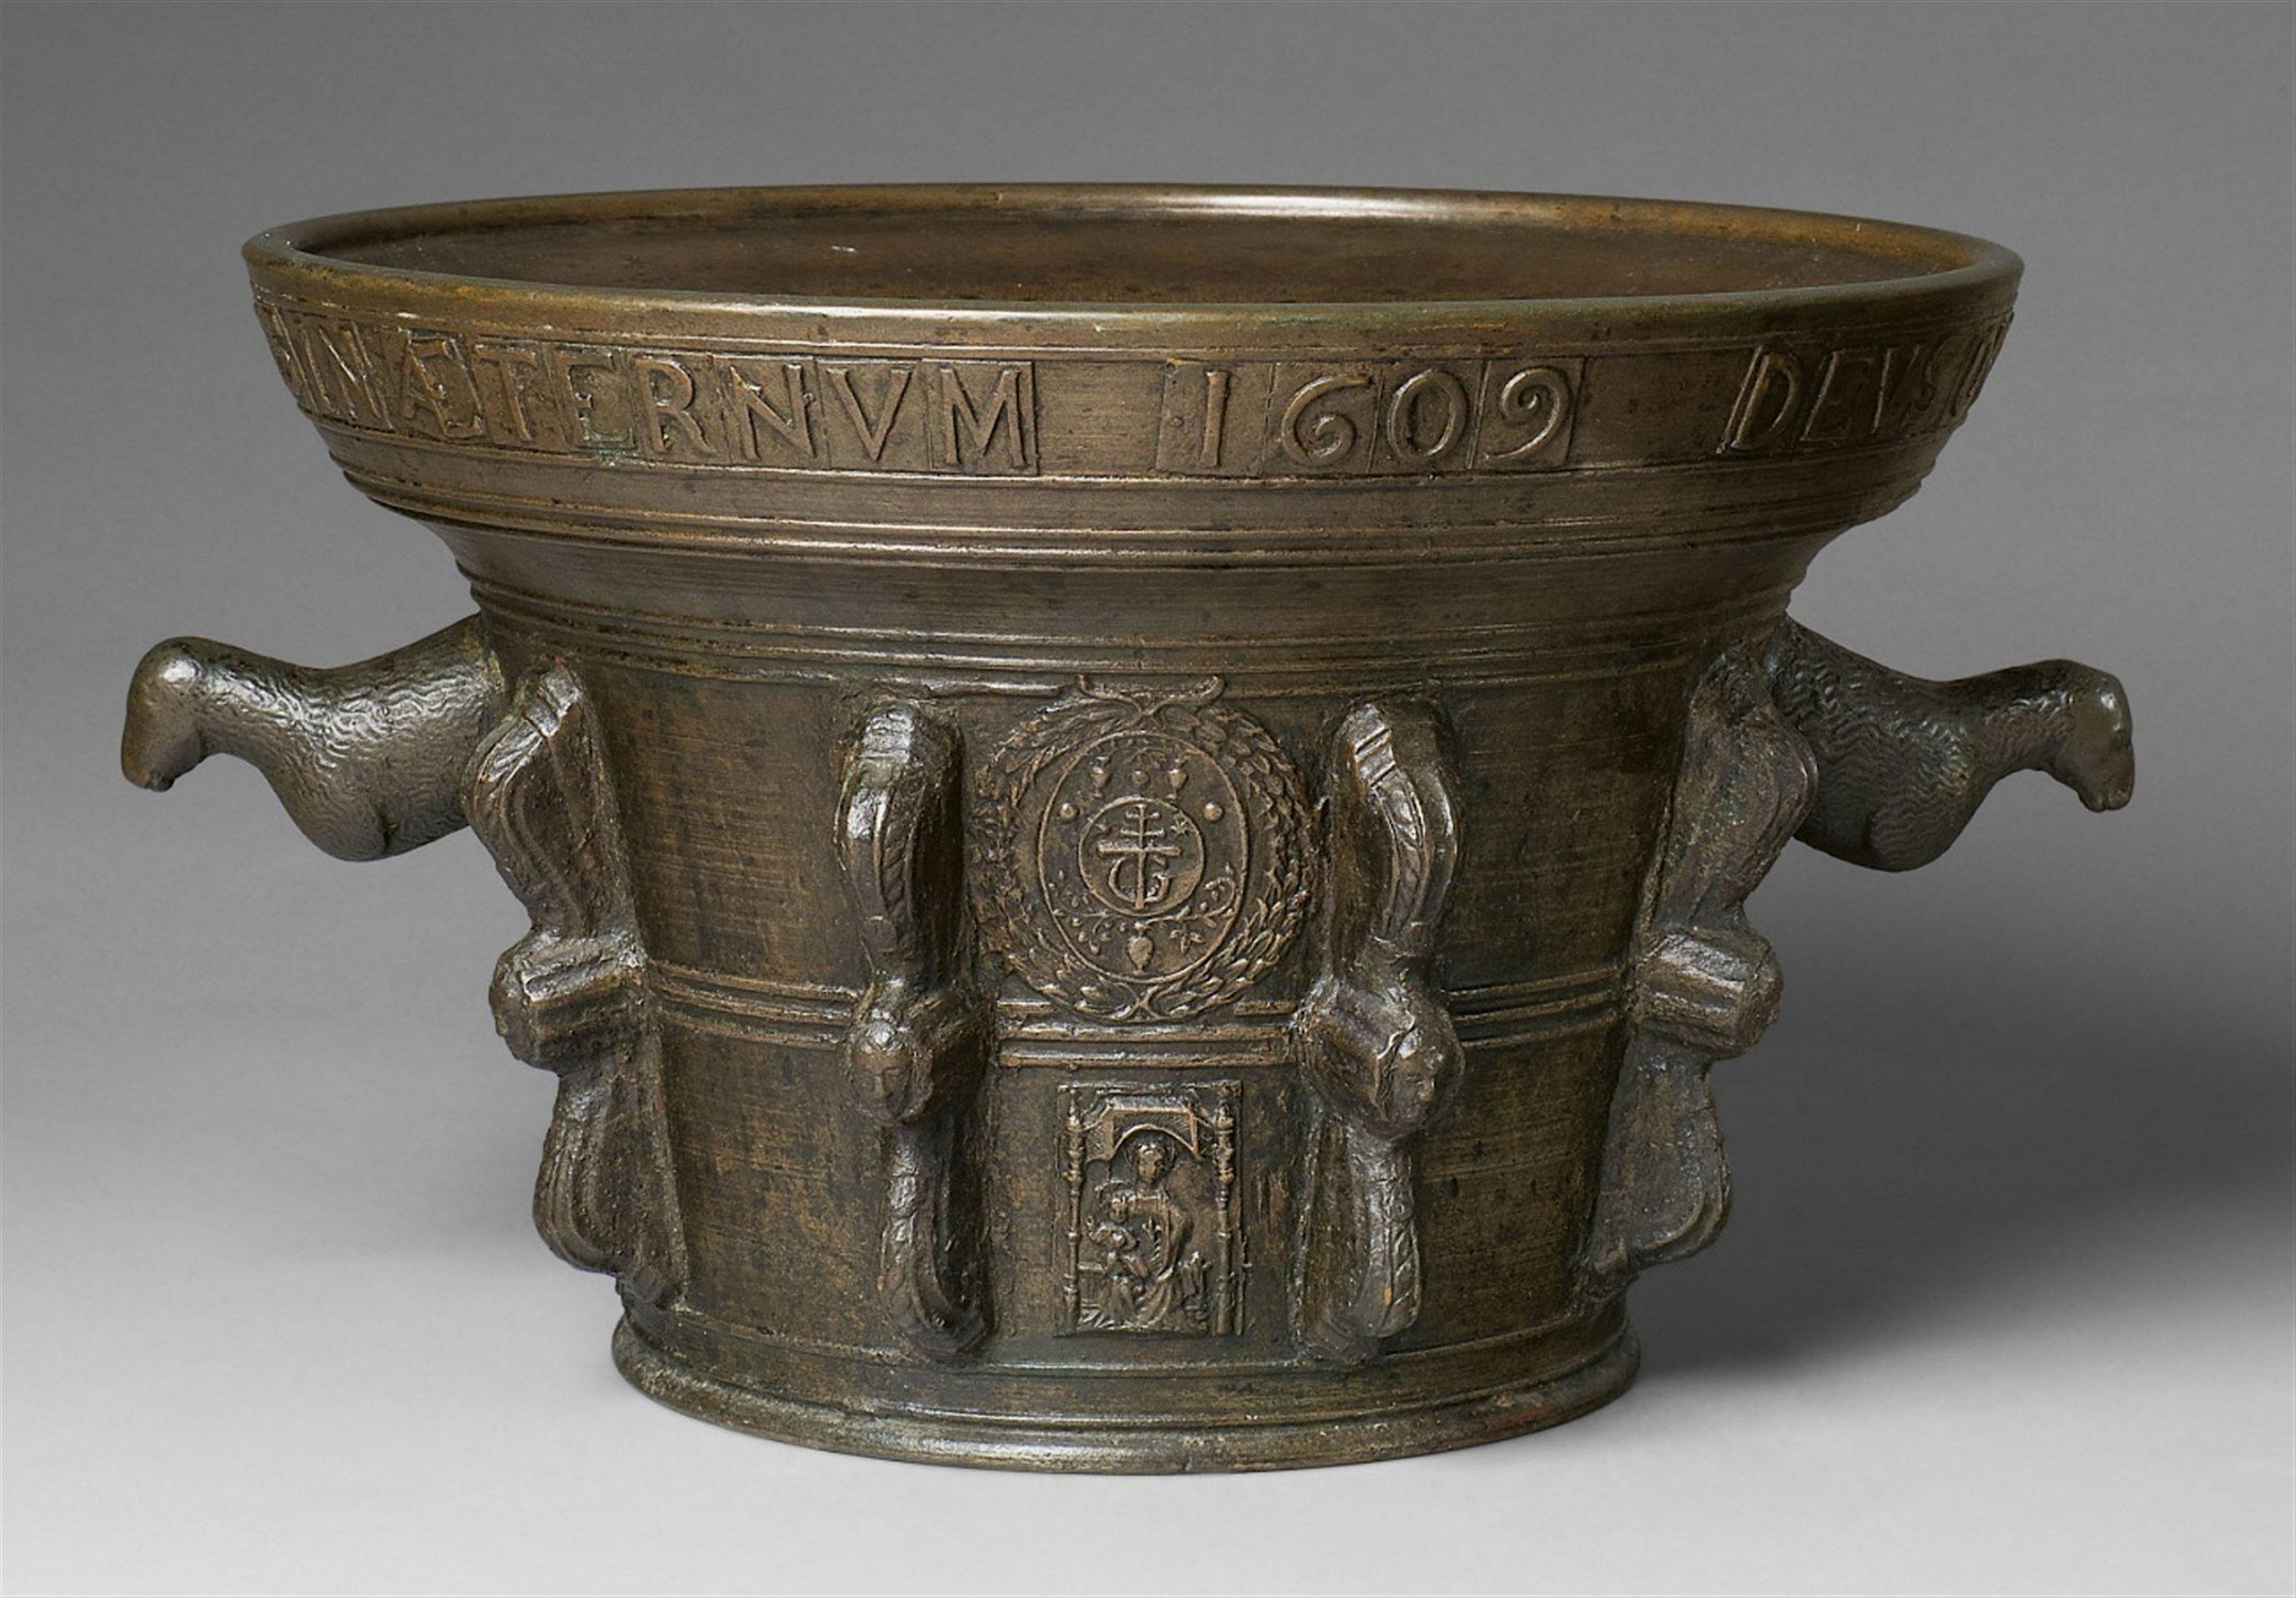 Mortier pour un monastère, Le Puy-en-Velay, 1609, image © Lempertz